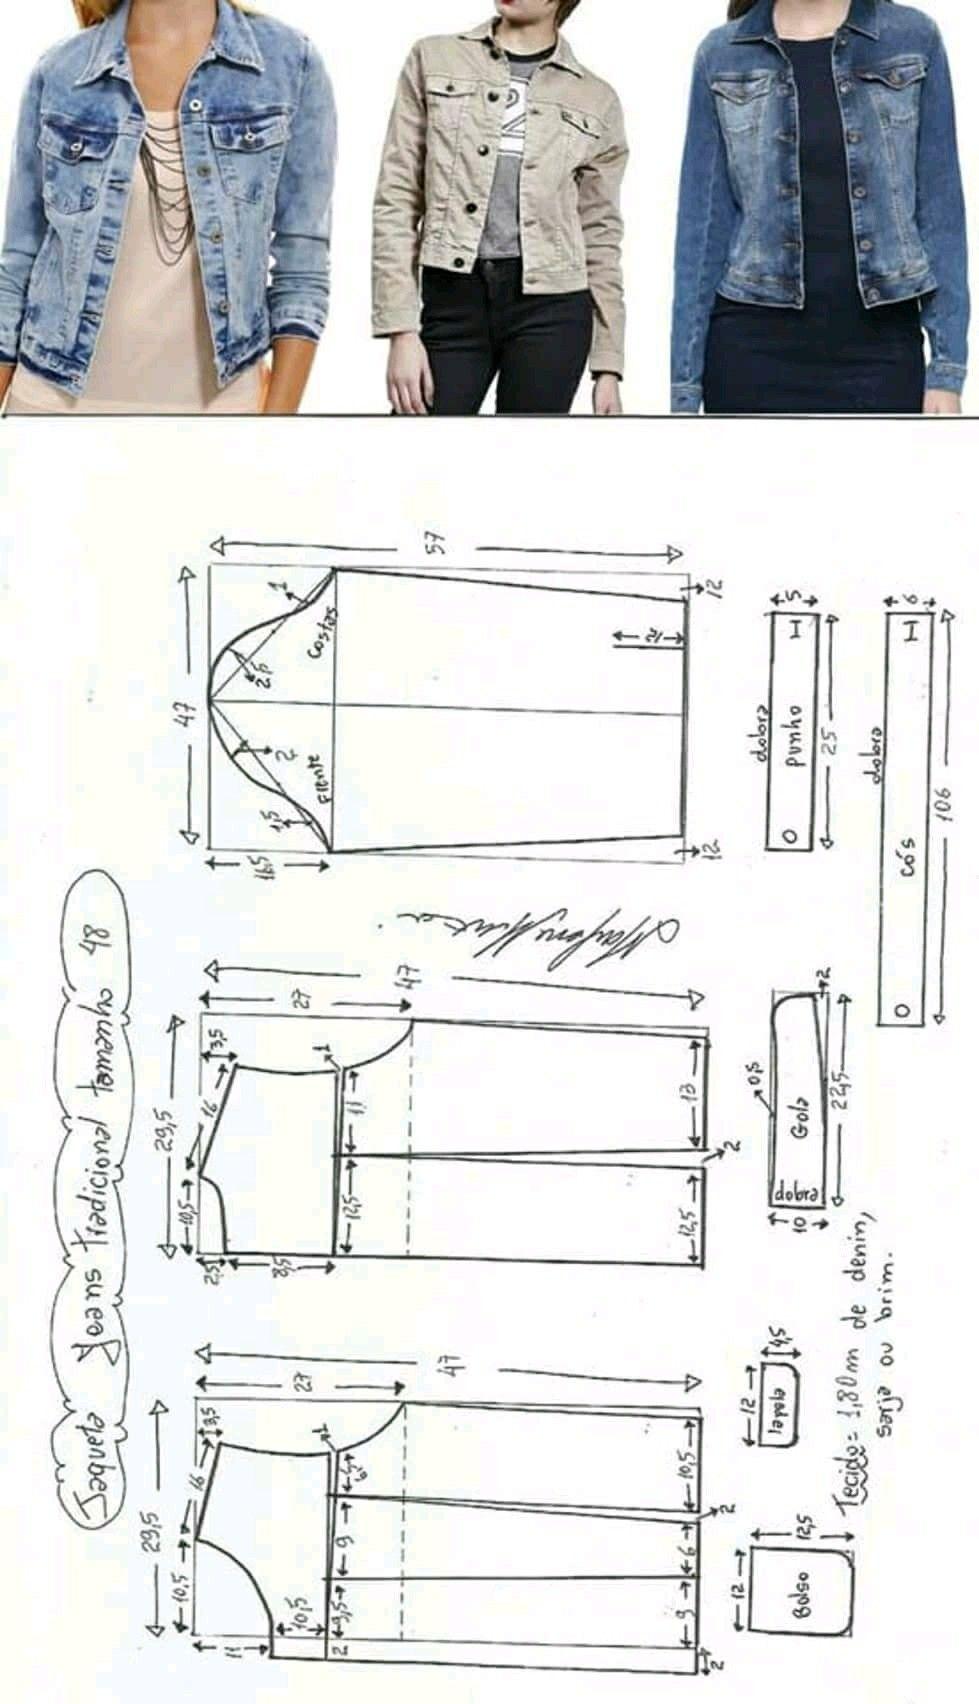 Jacket pattern | crafty | Pinterest | Chaquetas, Patronaje y Patrones